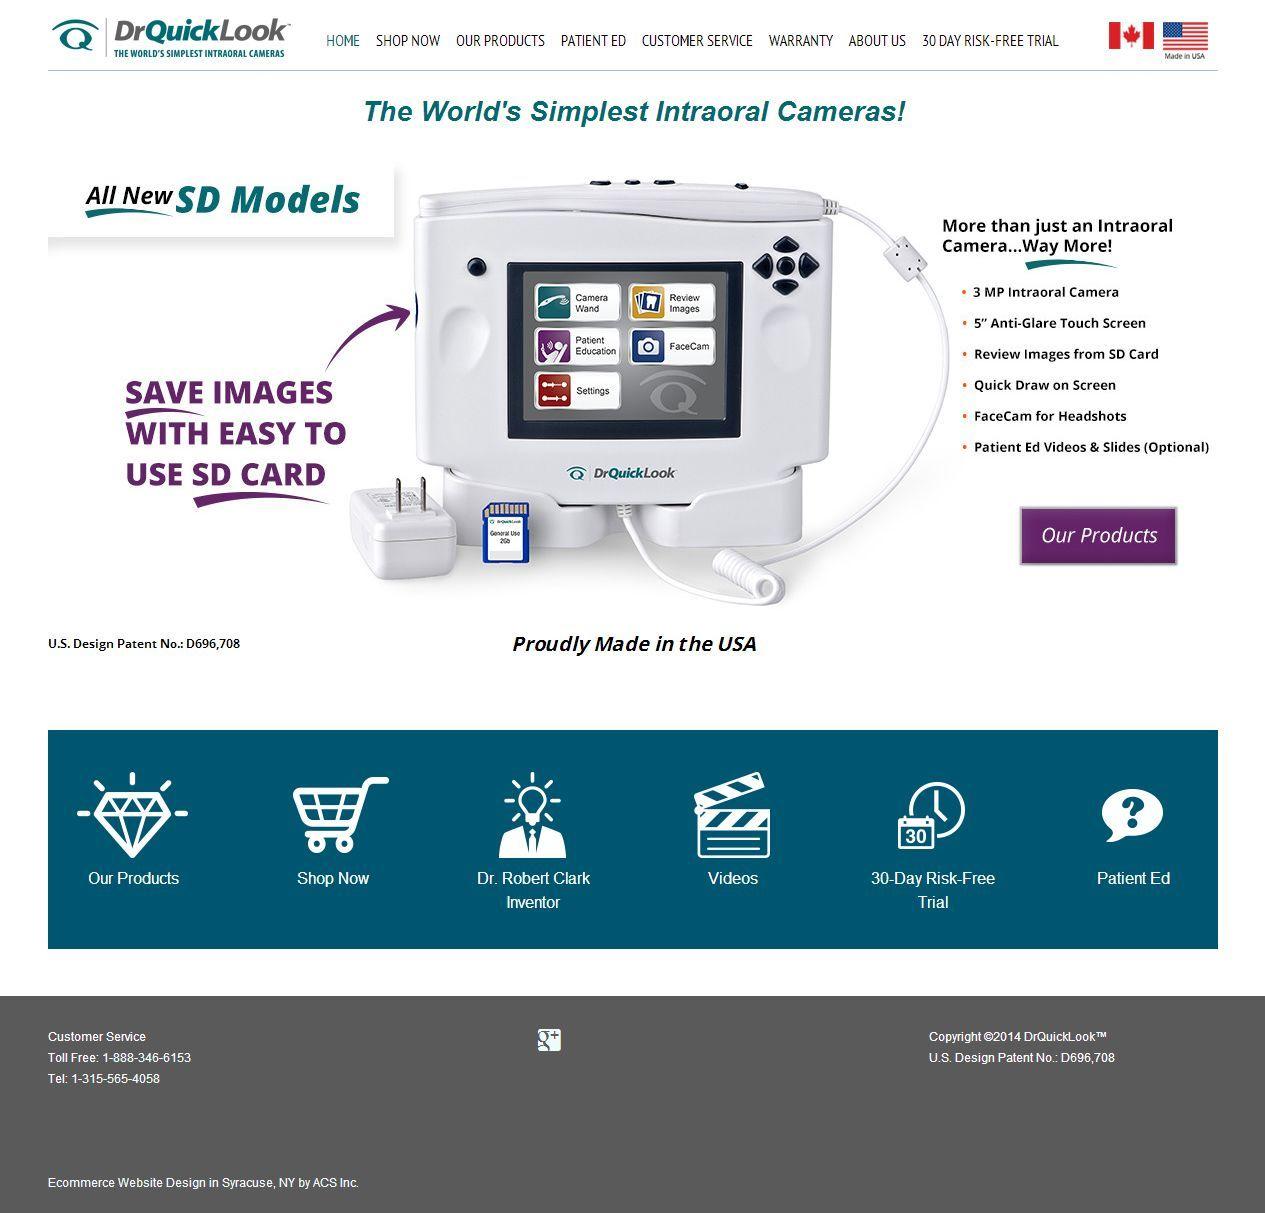 New Responsive Website Design For Drquicklook Com Responsive Design With A Sleek New Look Dentists Love The Medical Website Design Web Design Website Design